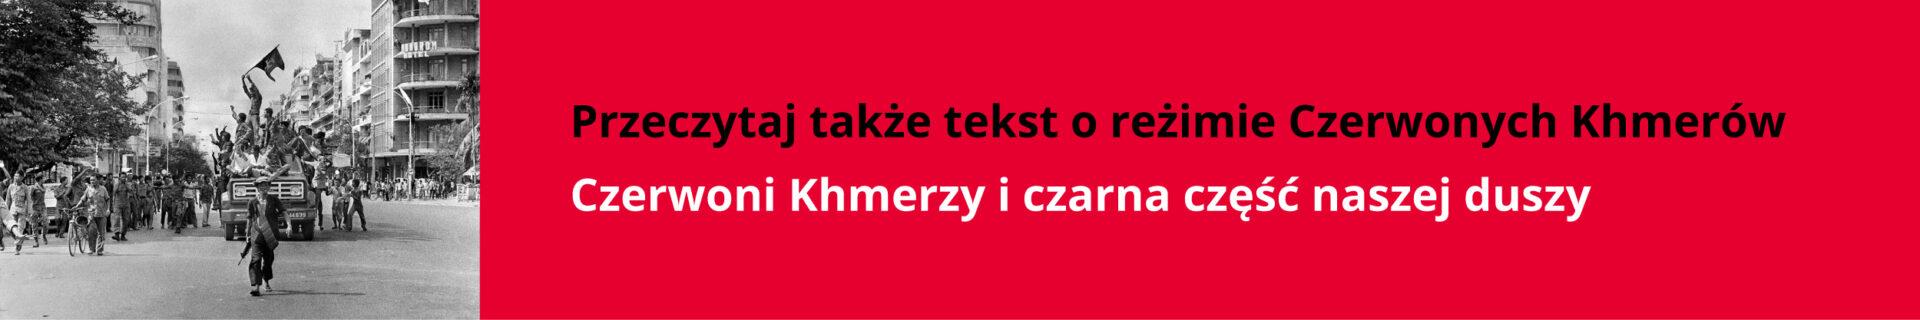 CZYTAJĄC_baner